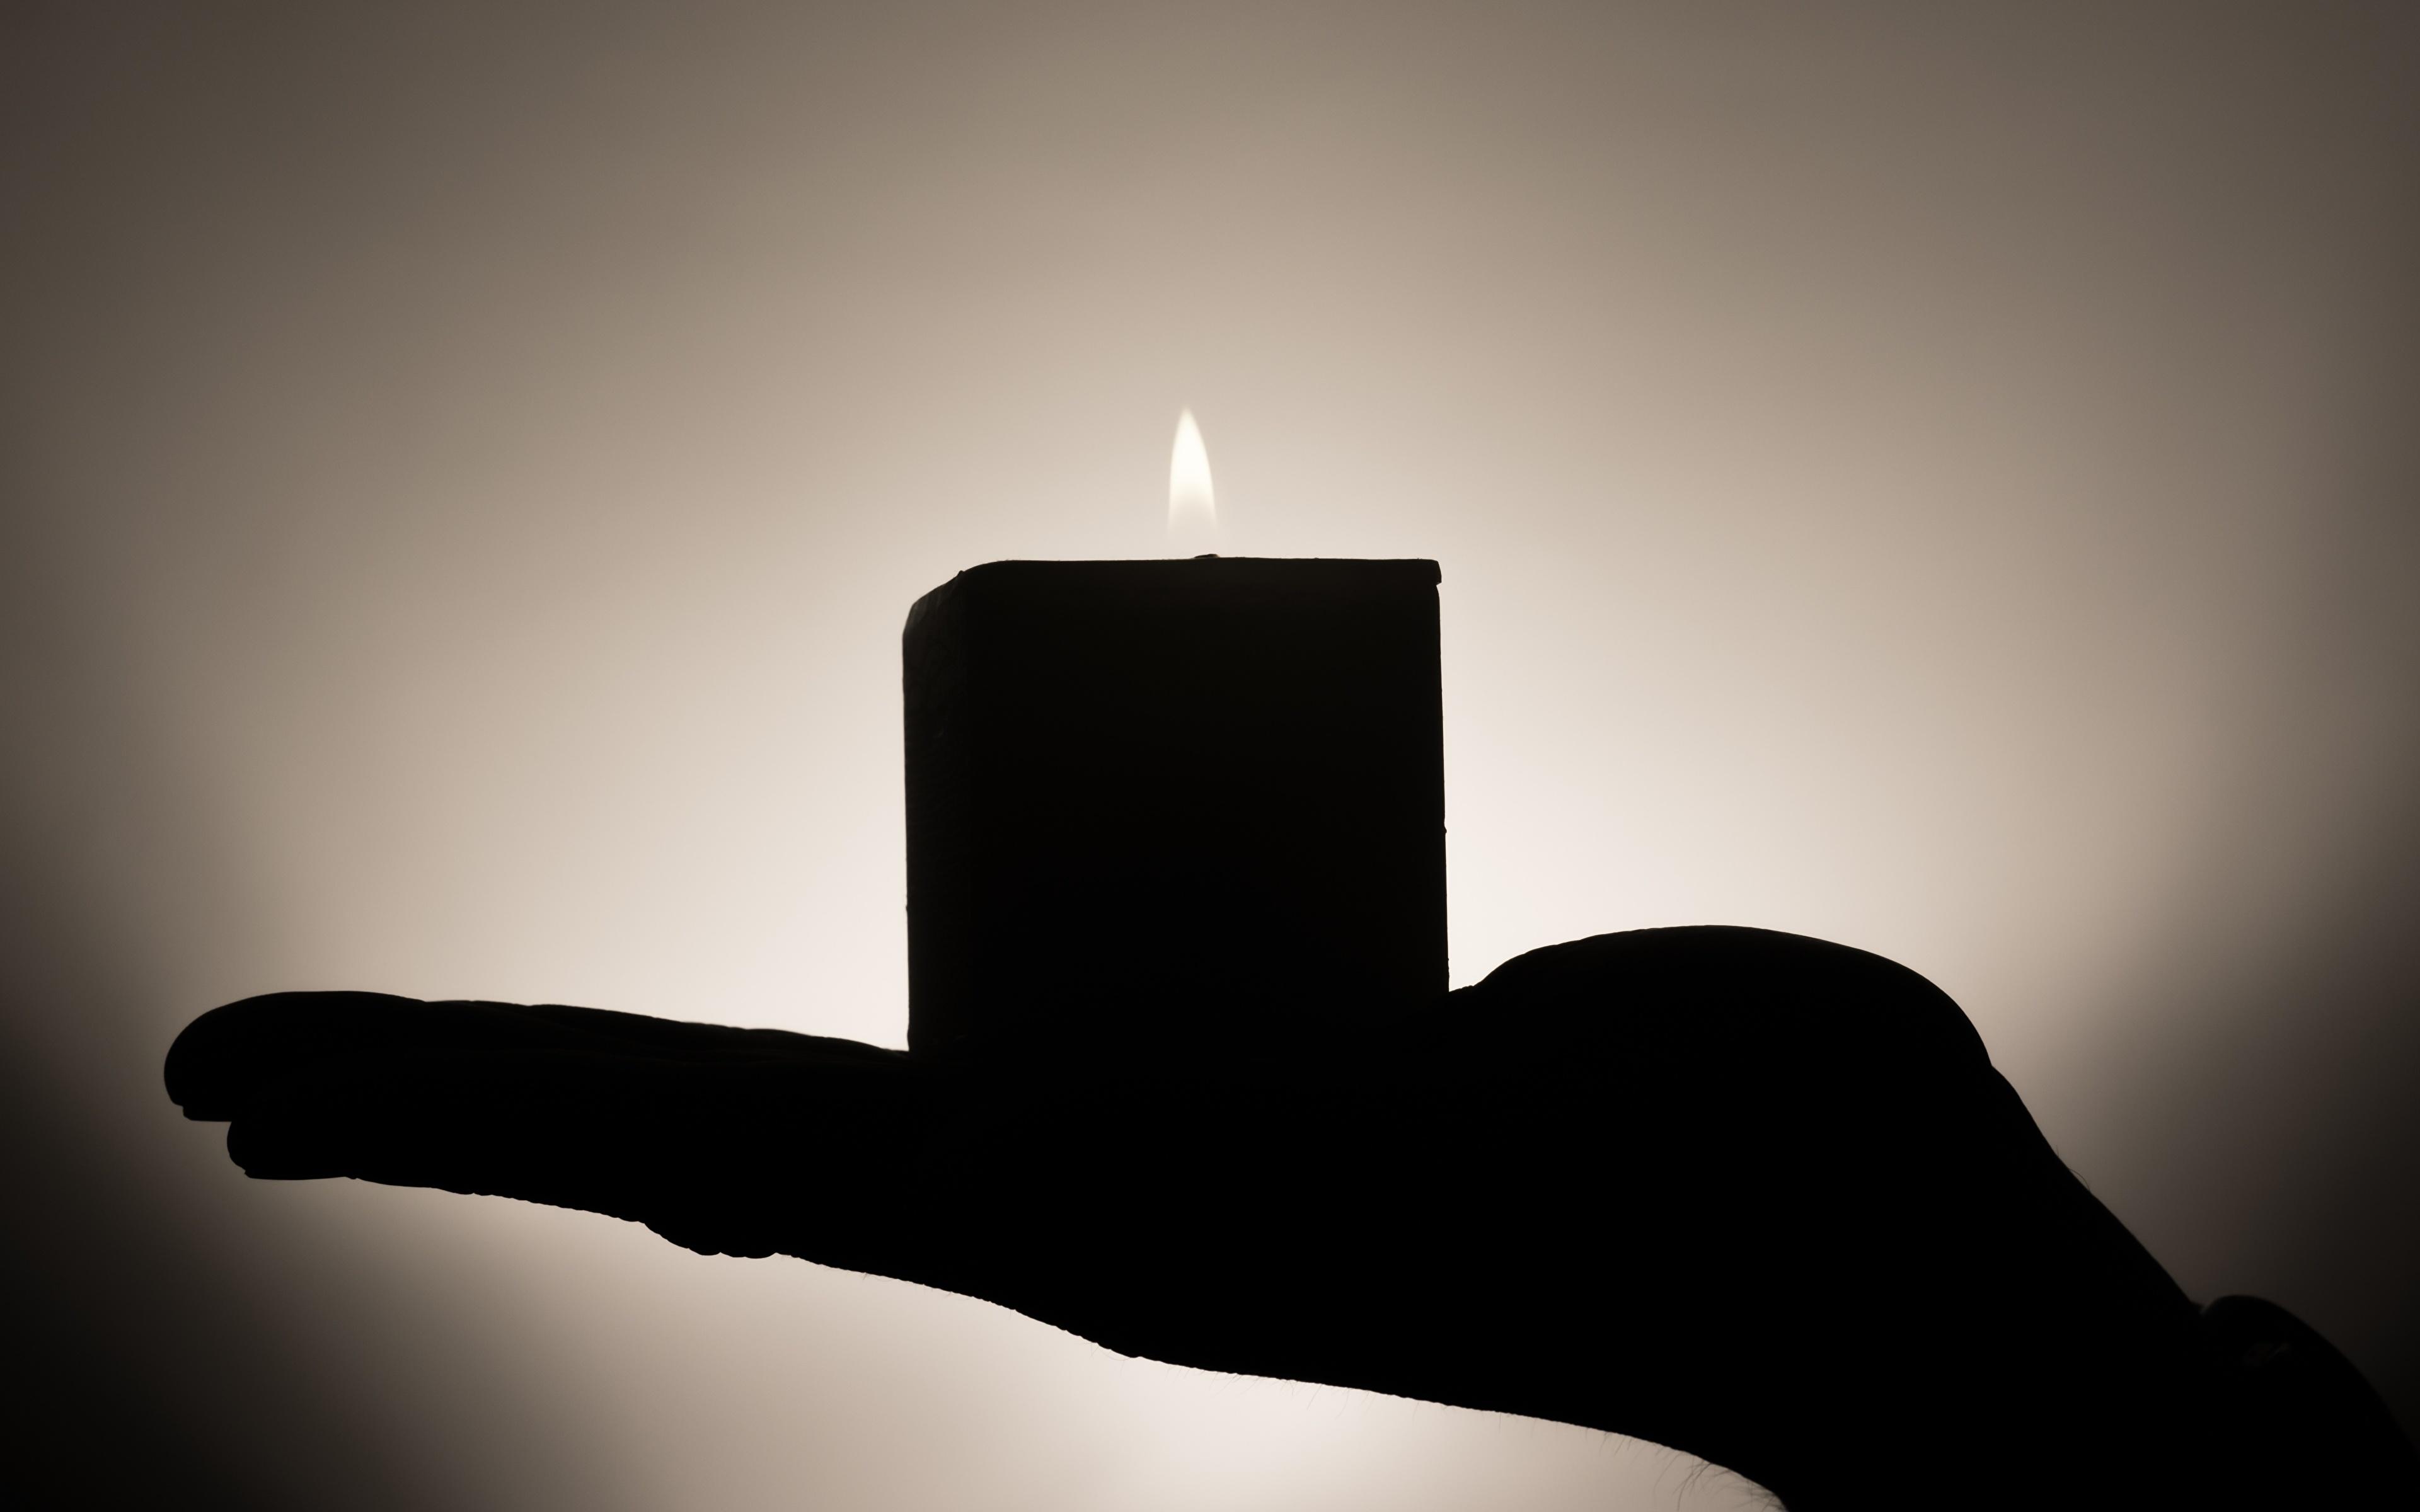 Фотография Силуэт боке пламя рука Свечи 3840x2400 силуэта силуэты Размытый фон Огонь Руки